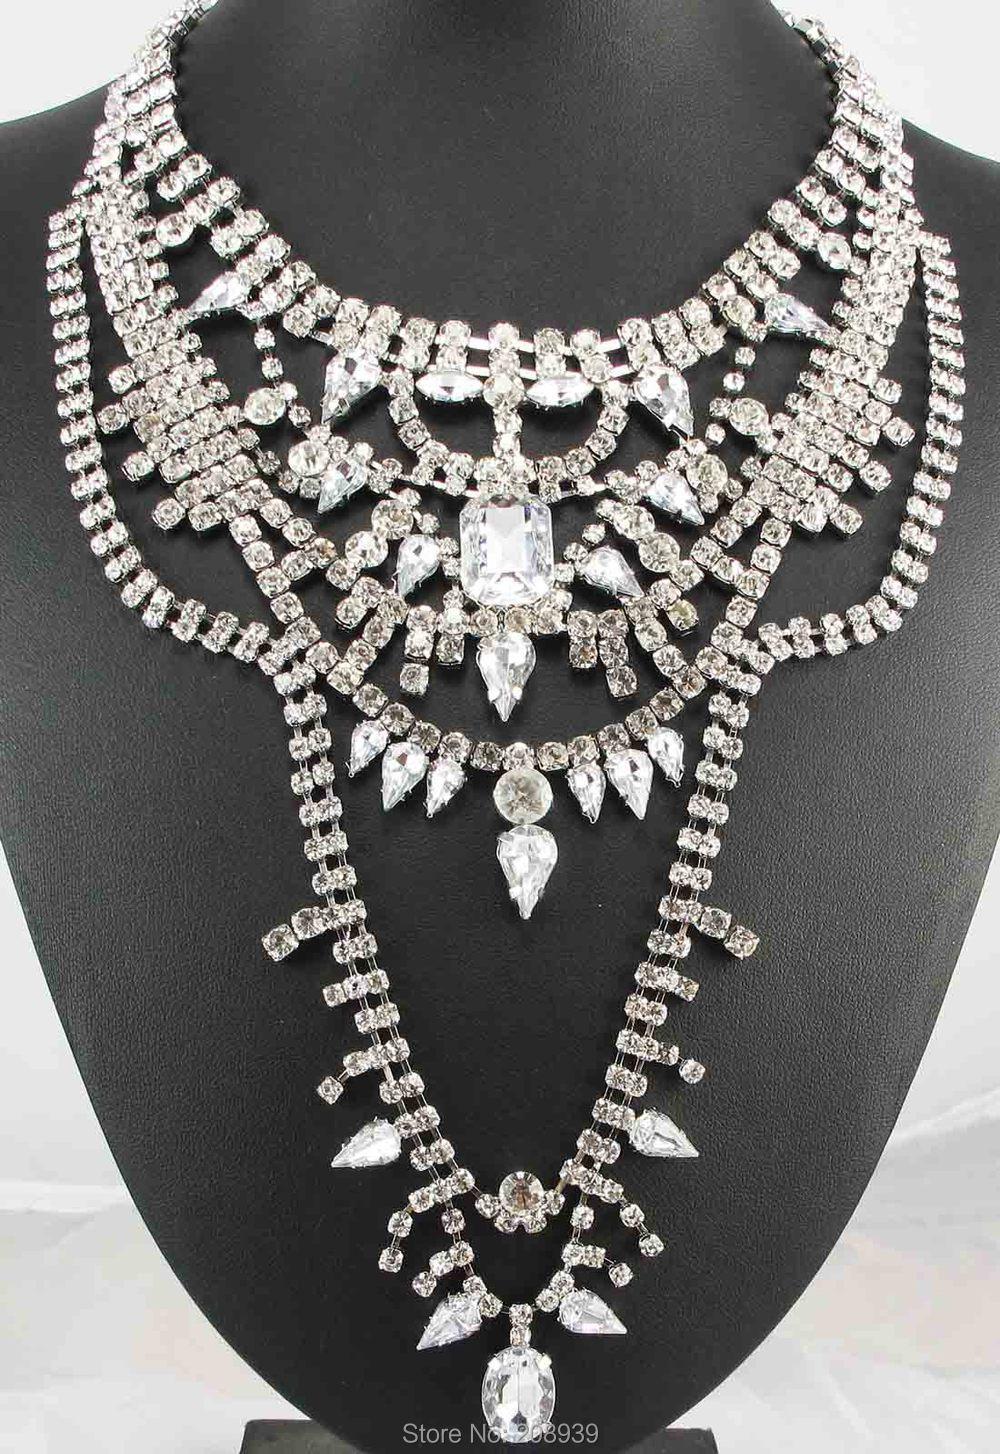 Newest Handmade Fashion Bohemia Acrylic Glass Rhinestone Pendants Bib Statement Women Choker Necklaces Q1012(China (Mainland))